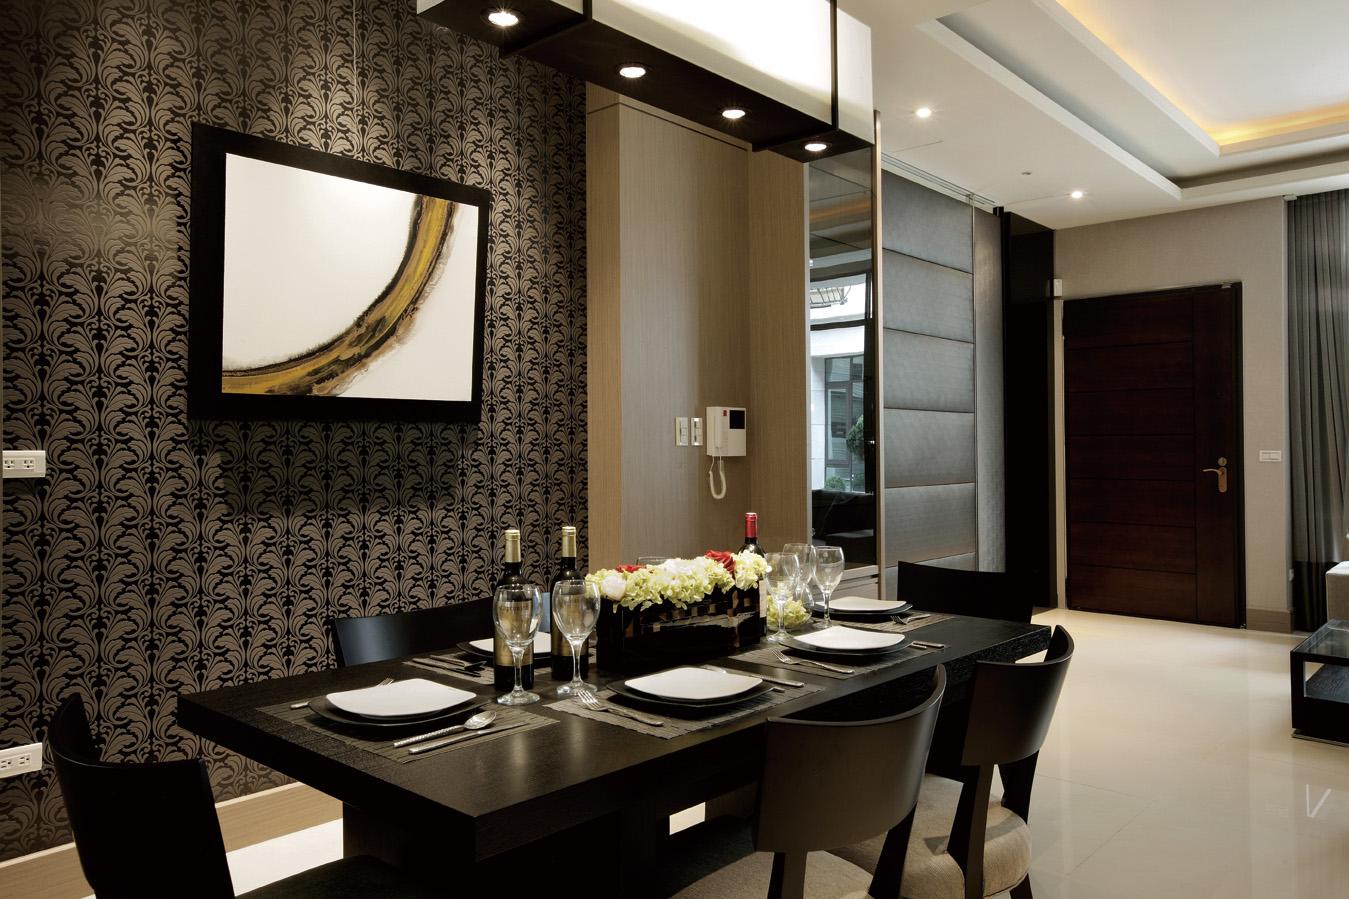 满足业主需求,简约风格采用黑白典雅的风格,让空间尽显奢华